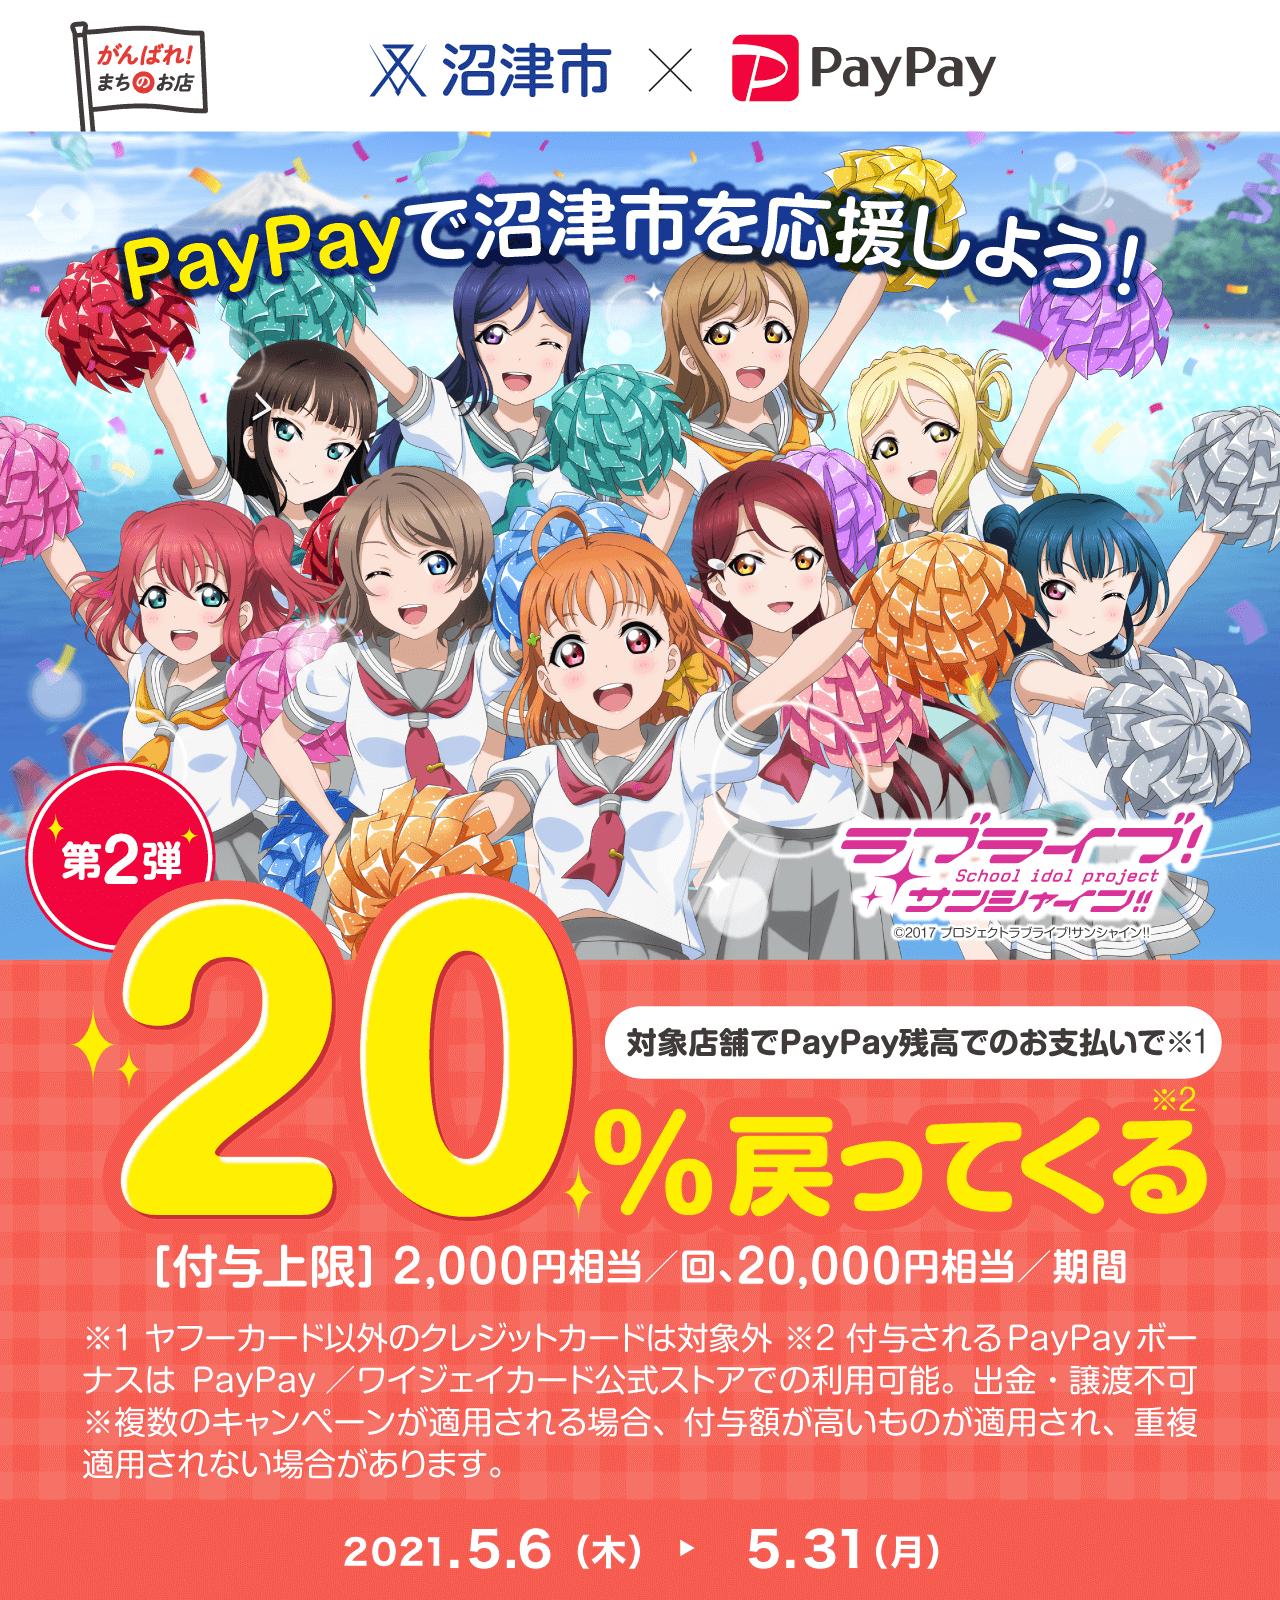 PayPayで沼津市を応援しよう! 第2弾 対象店舗でPayPay残高でのお支払いで20%戻ってくる